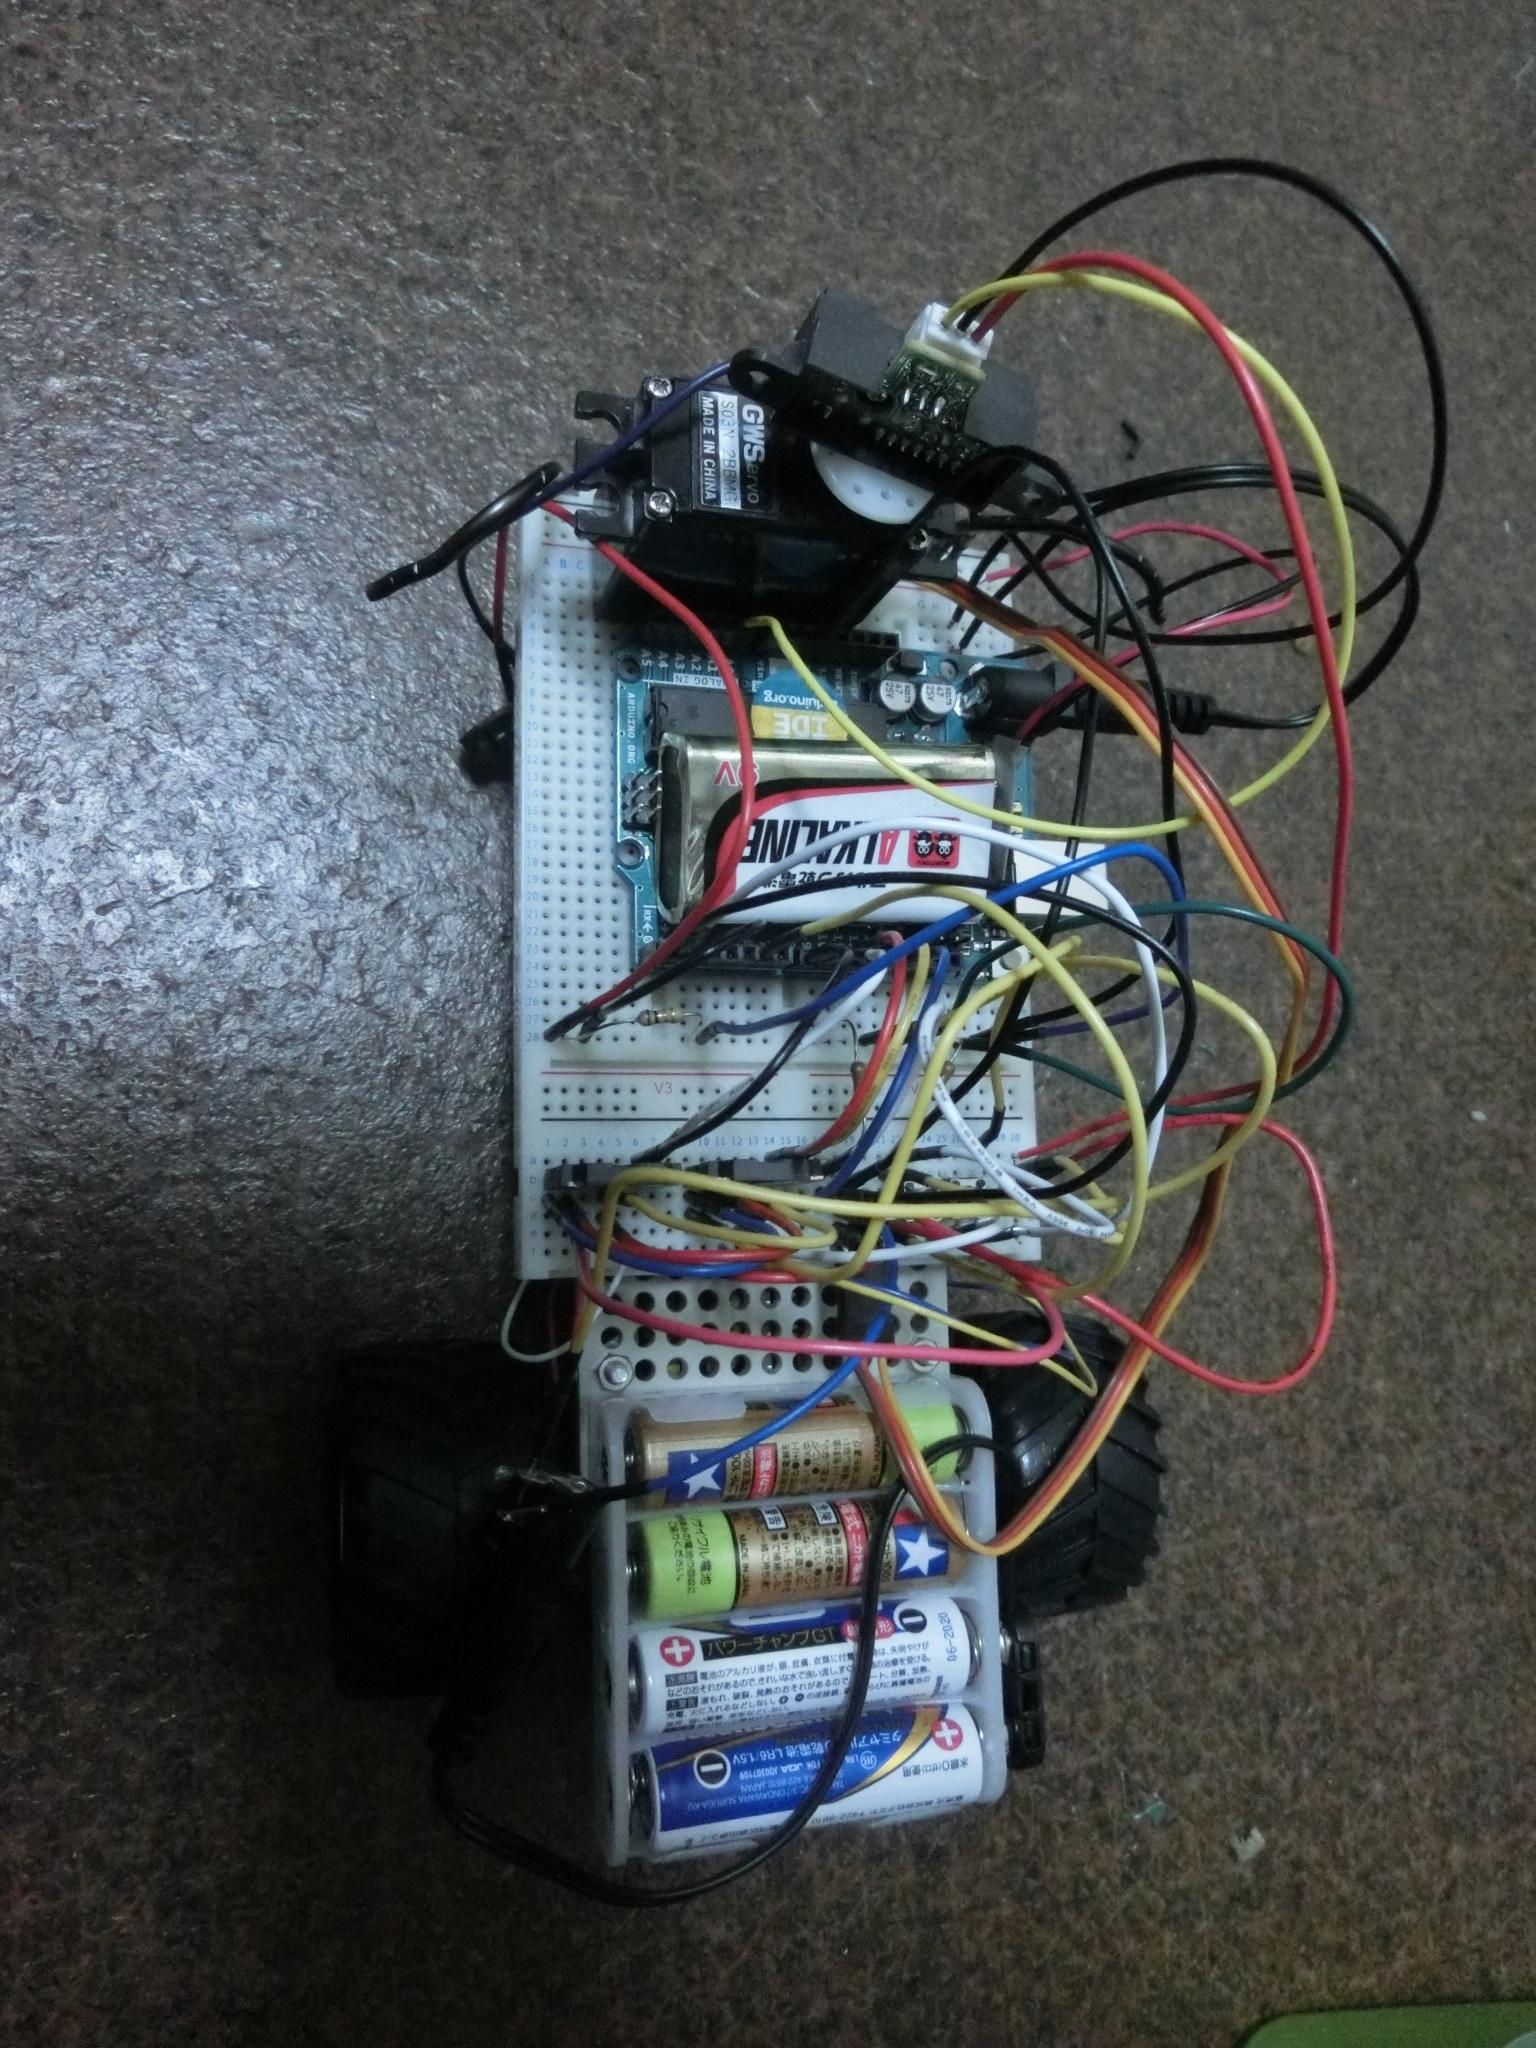 Arduinoを使用した障害物を避けるロボットを作成しました!